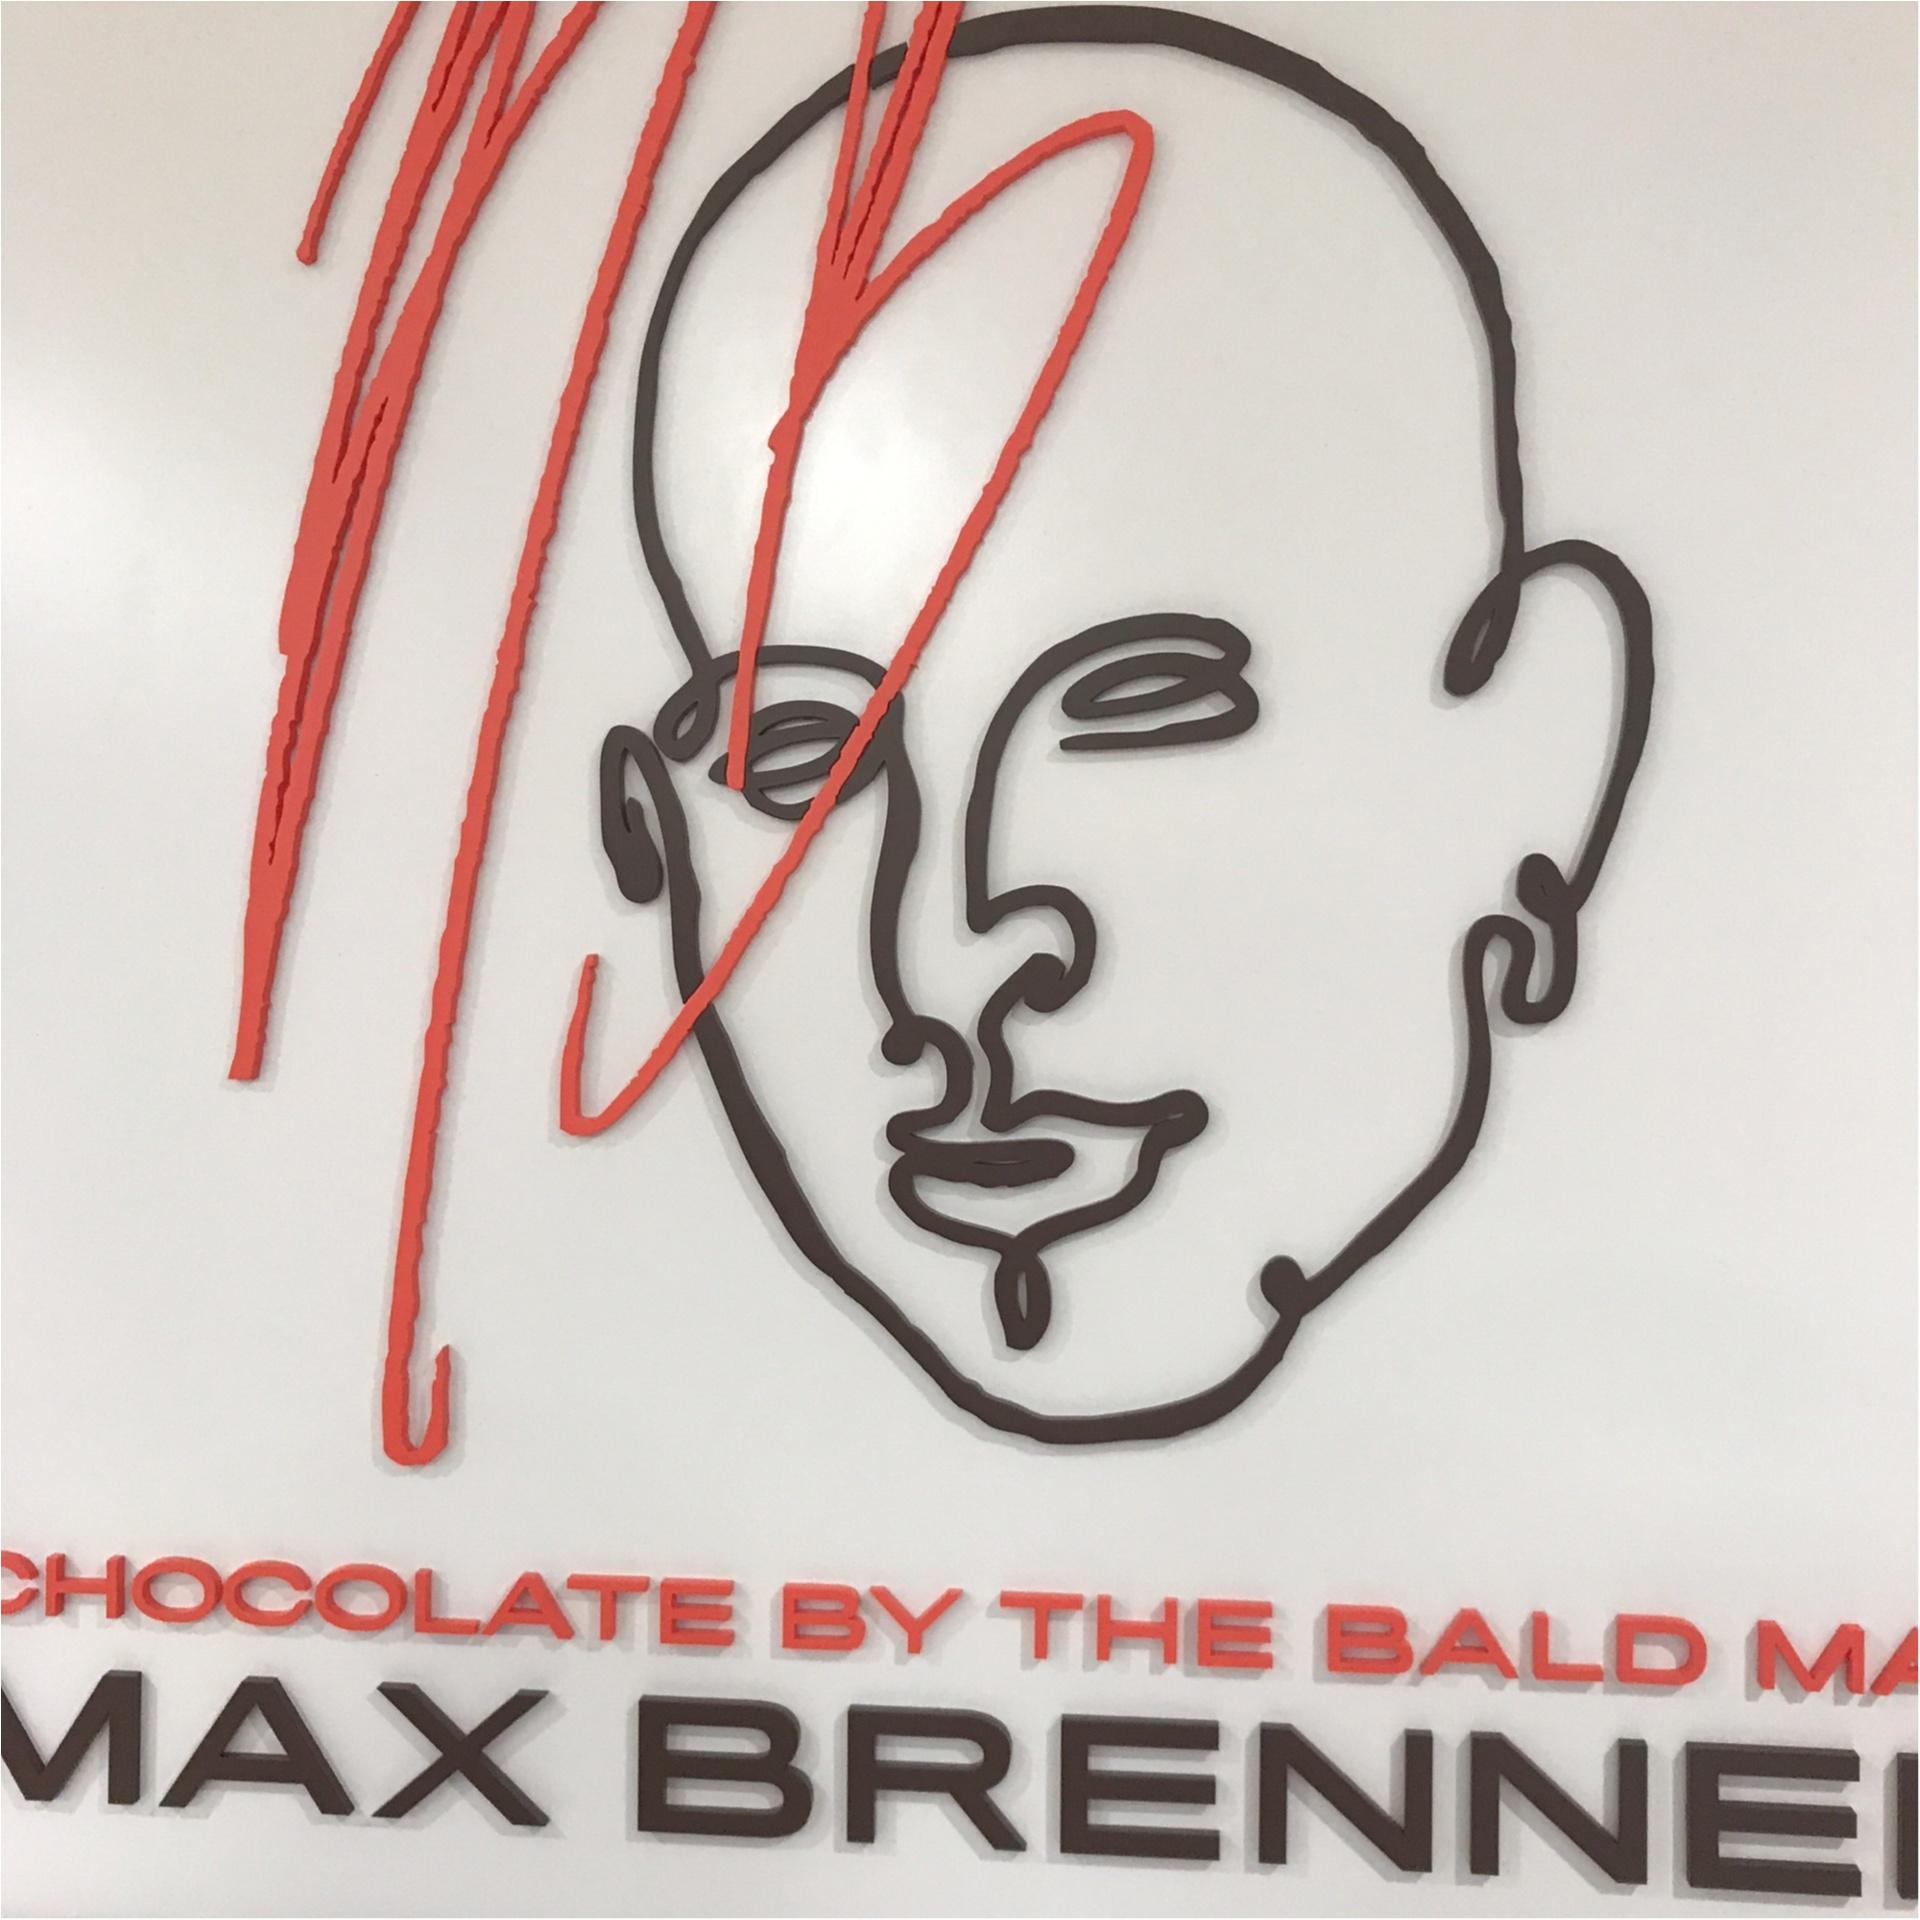 ★甘いものが苦手な人でも大丈夫◎チョコレート専門店『MAX BRENNER』名古屋限定はコレ★_1